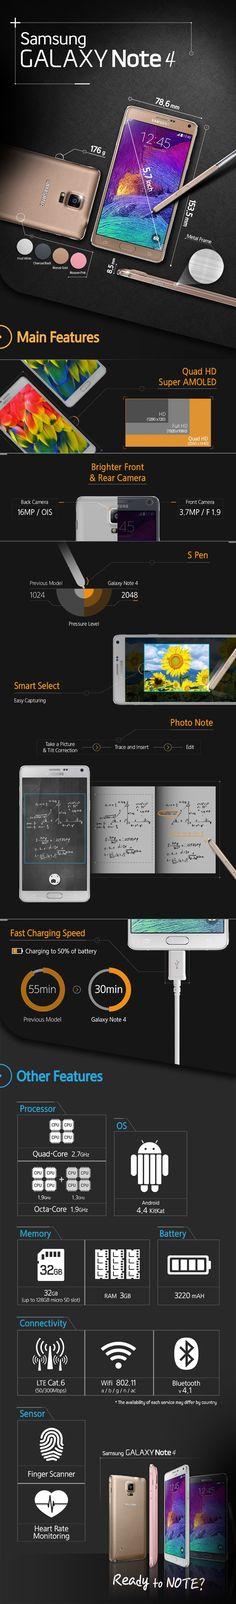 #Samsung #GalaxyNote4. Specifiche e funzionalità in una #infografica.